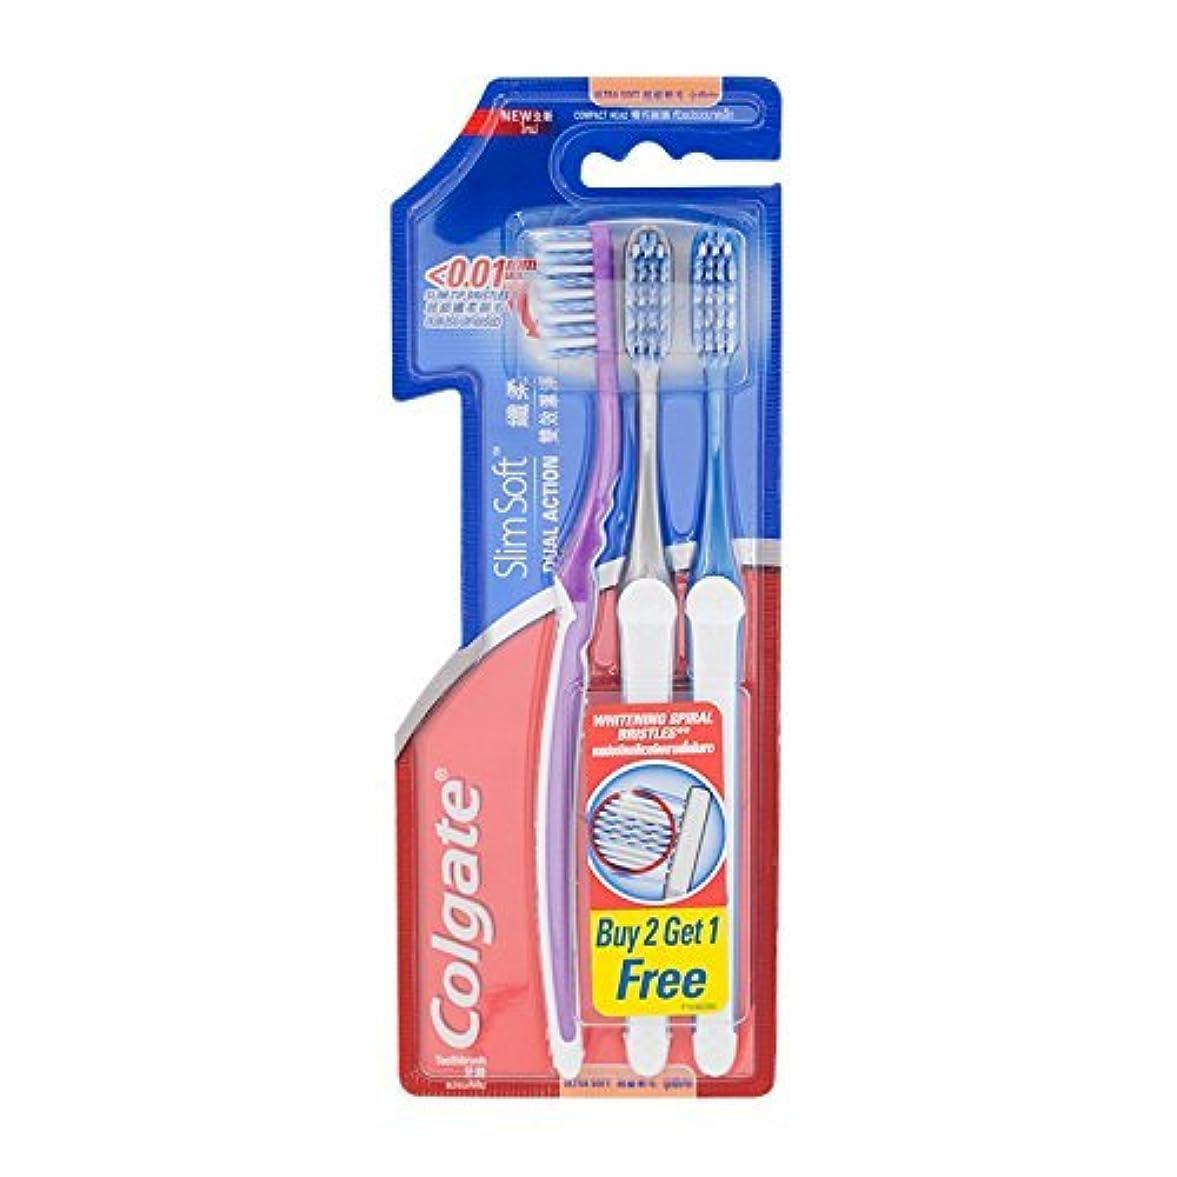 体細胞コインランドリー葉を拾うColgate Compact Ultra Soft Dual Action | Slim Soft Toothbrush, Family Pack (3 Bristles) by BeautyBreeze